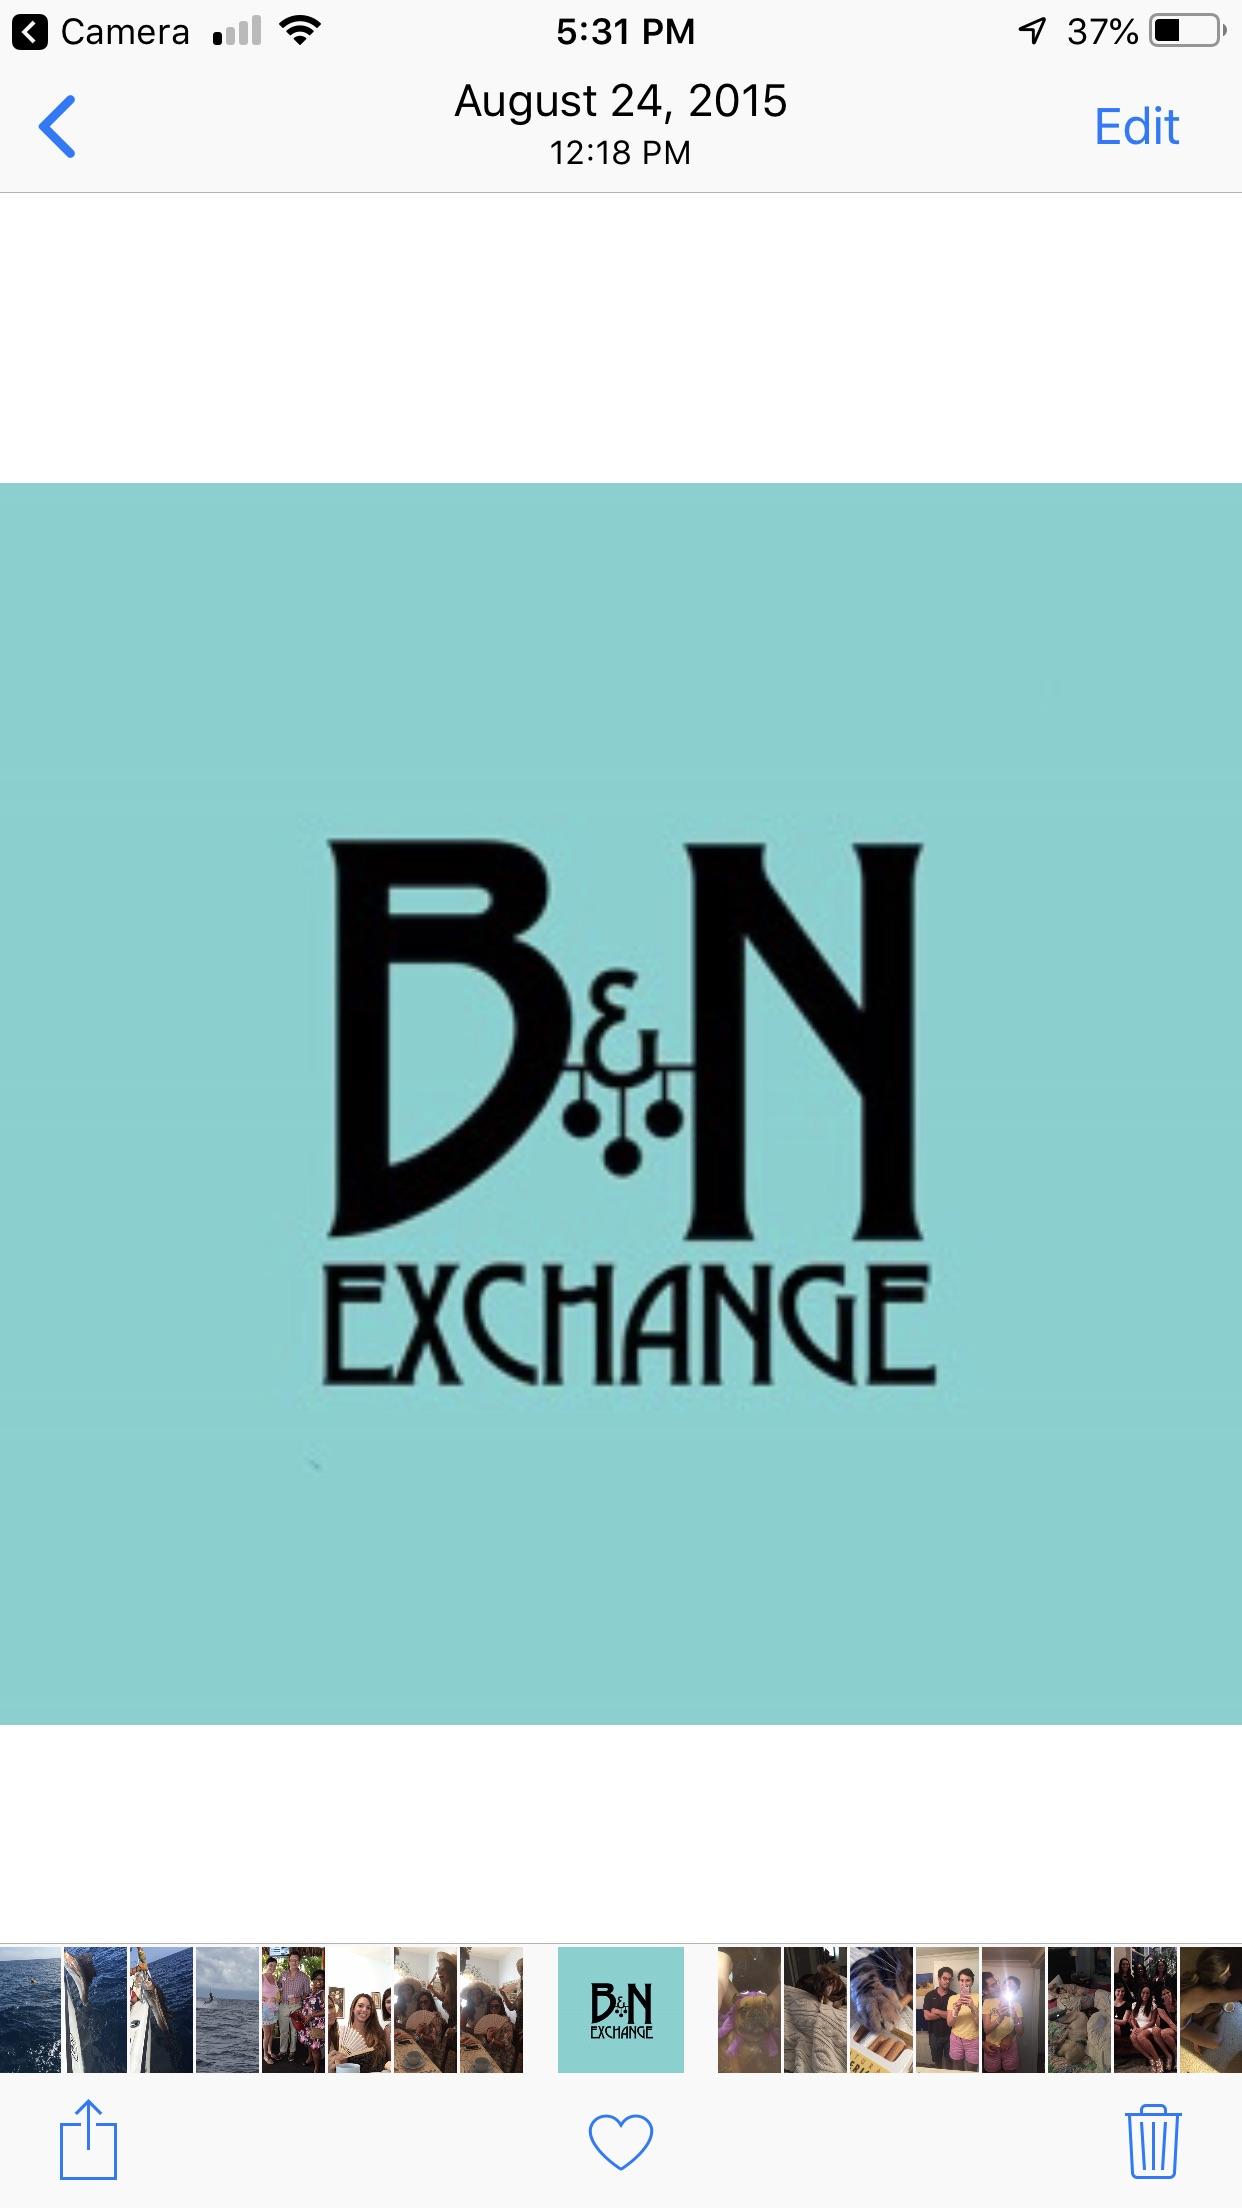 B & N Exchange